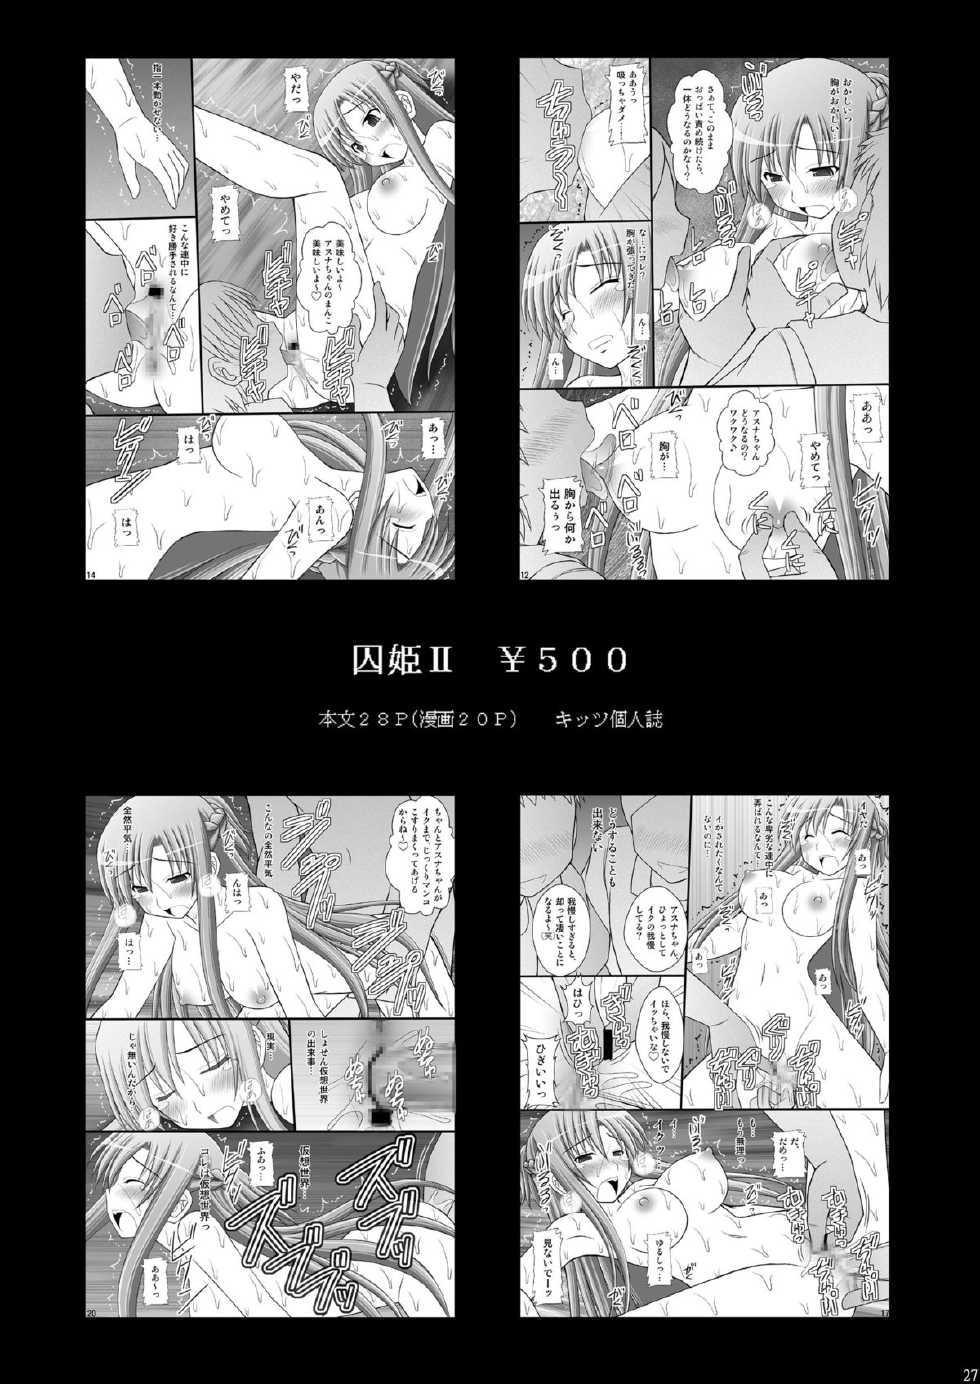 Seishinhoukai Surumade Kusugurimakutte Ryoujoku Shitemiru Test VI & VIII 27